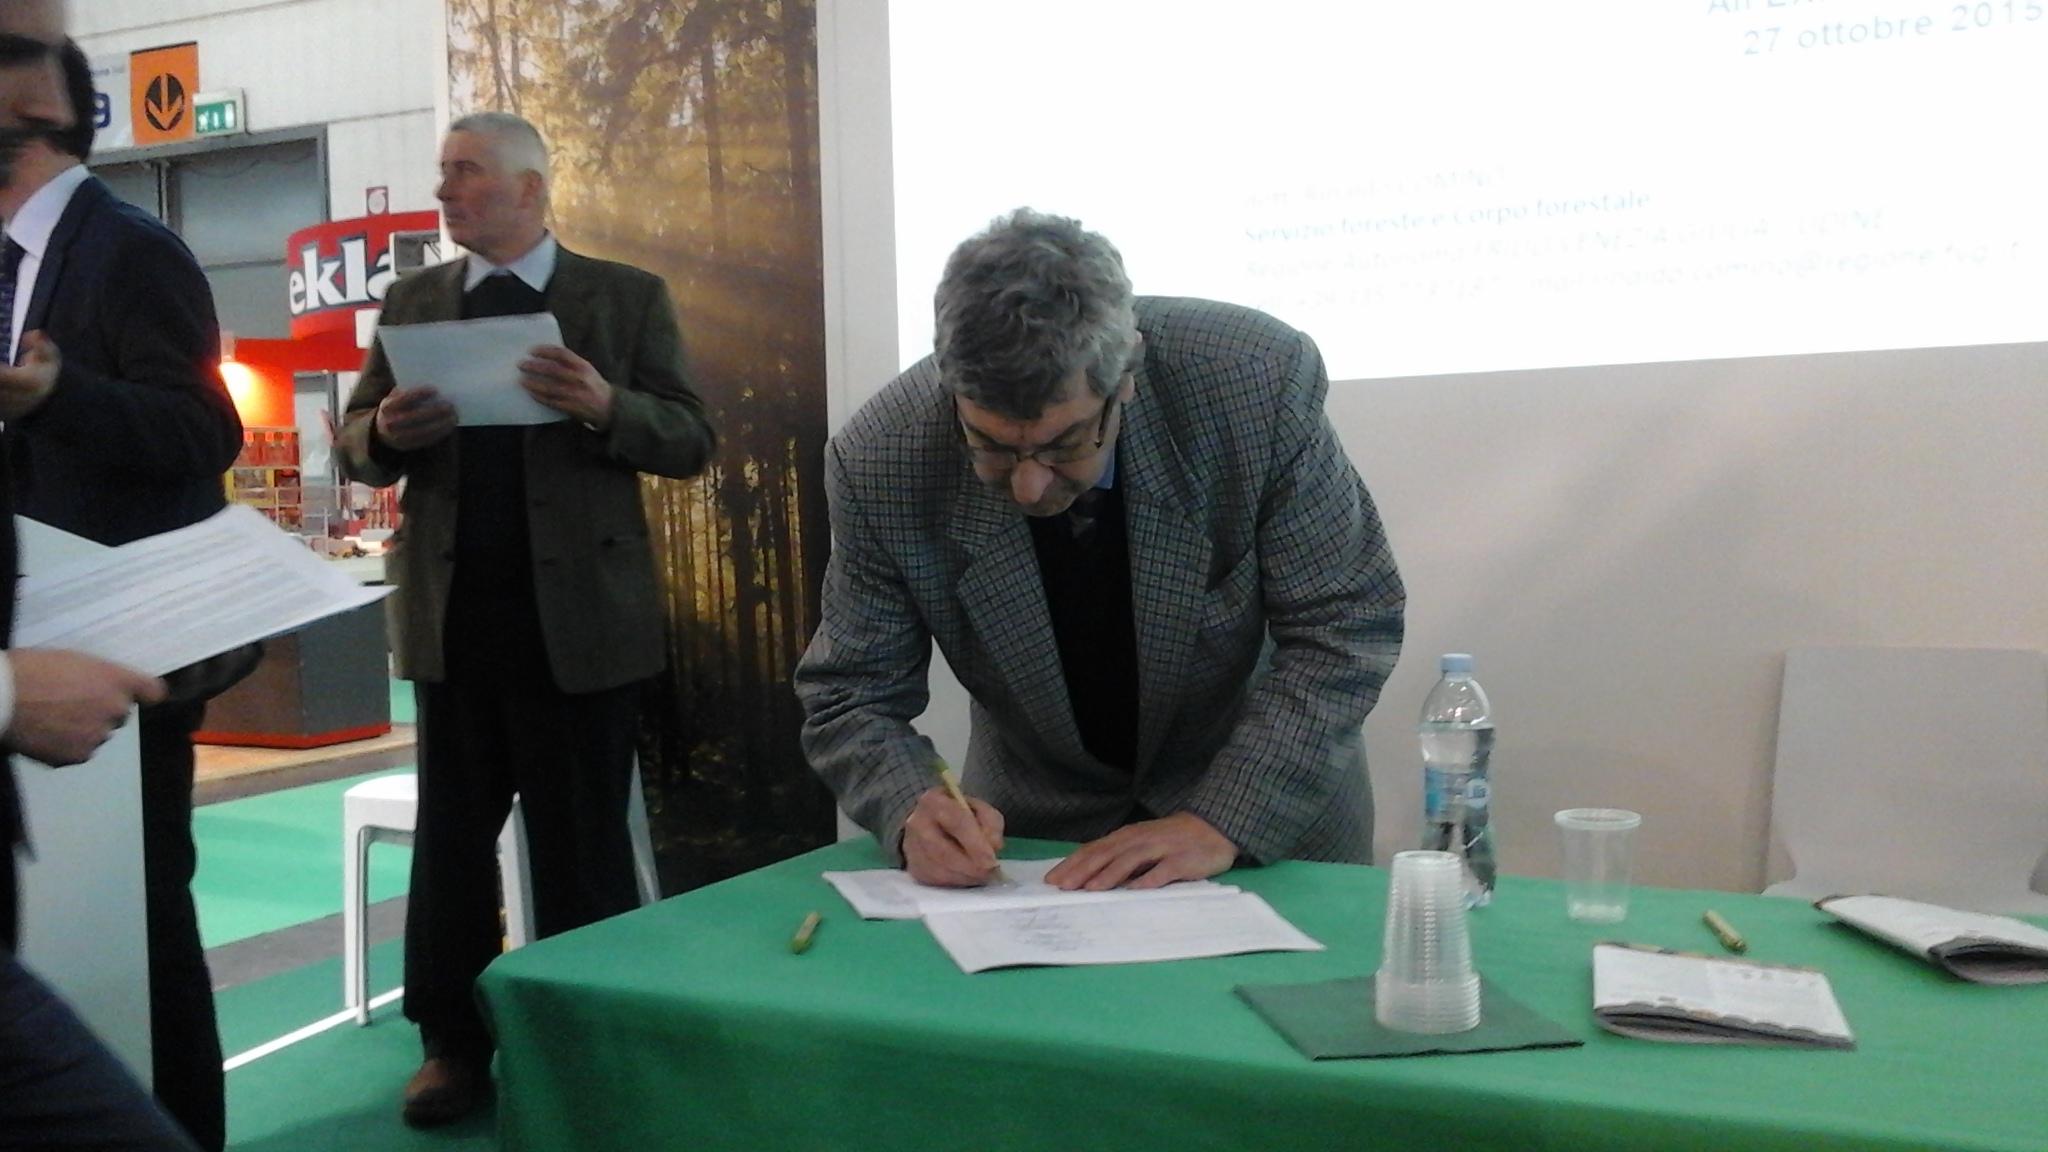 Il PEFC Italia nell'accordo interregionale sul prelievo legnoso in ambito boschivo e sulla filiera legno